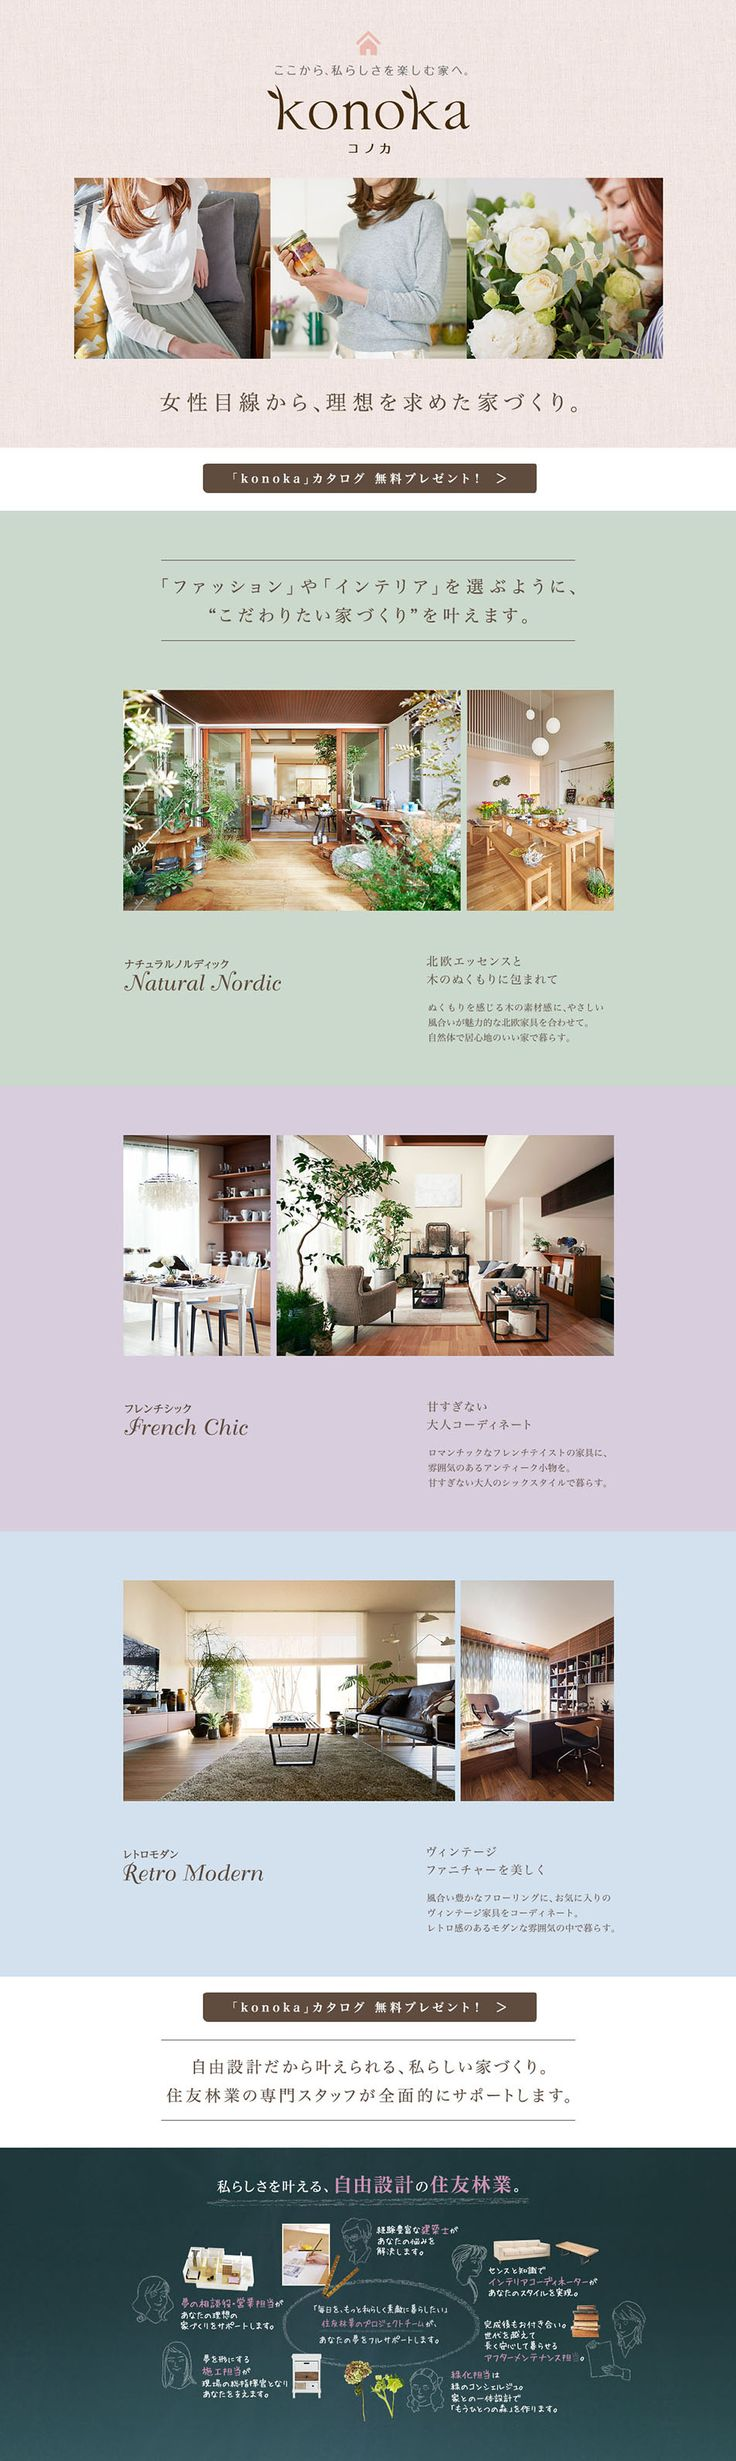 konoca【不動産関連】のLPデザイン。WEBデザイナーさん必見!ランディングページのデザイン参考に(かわいい系)